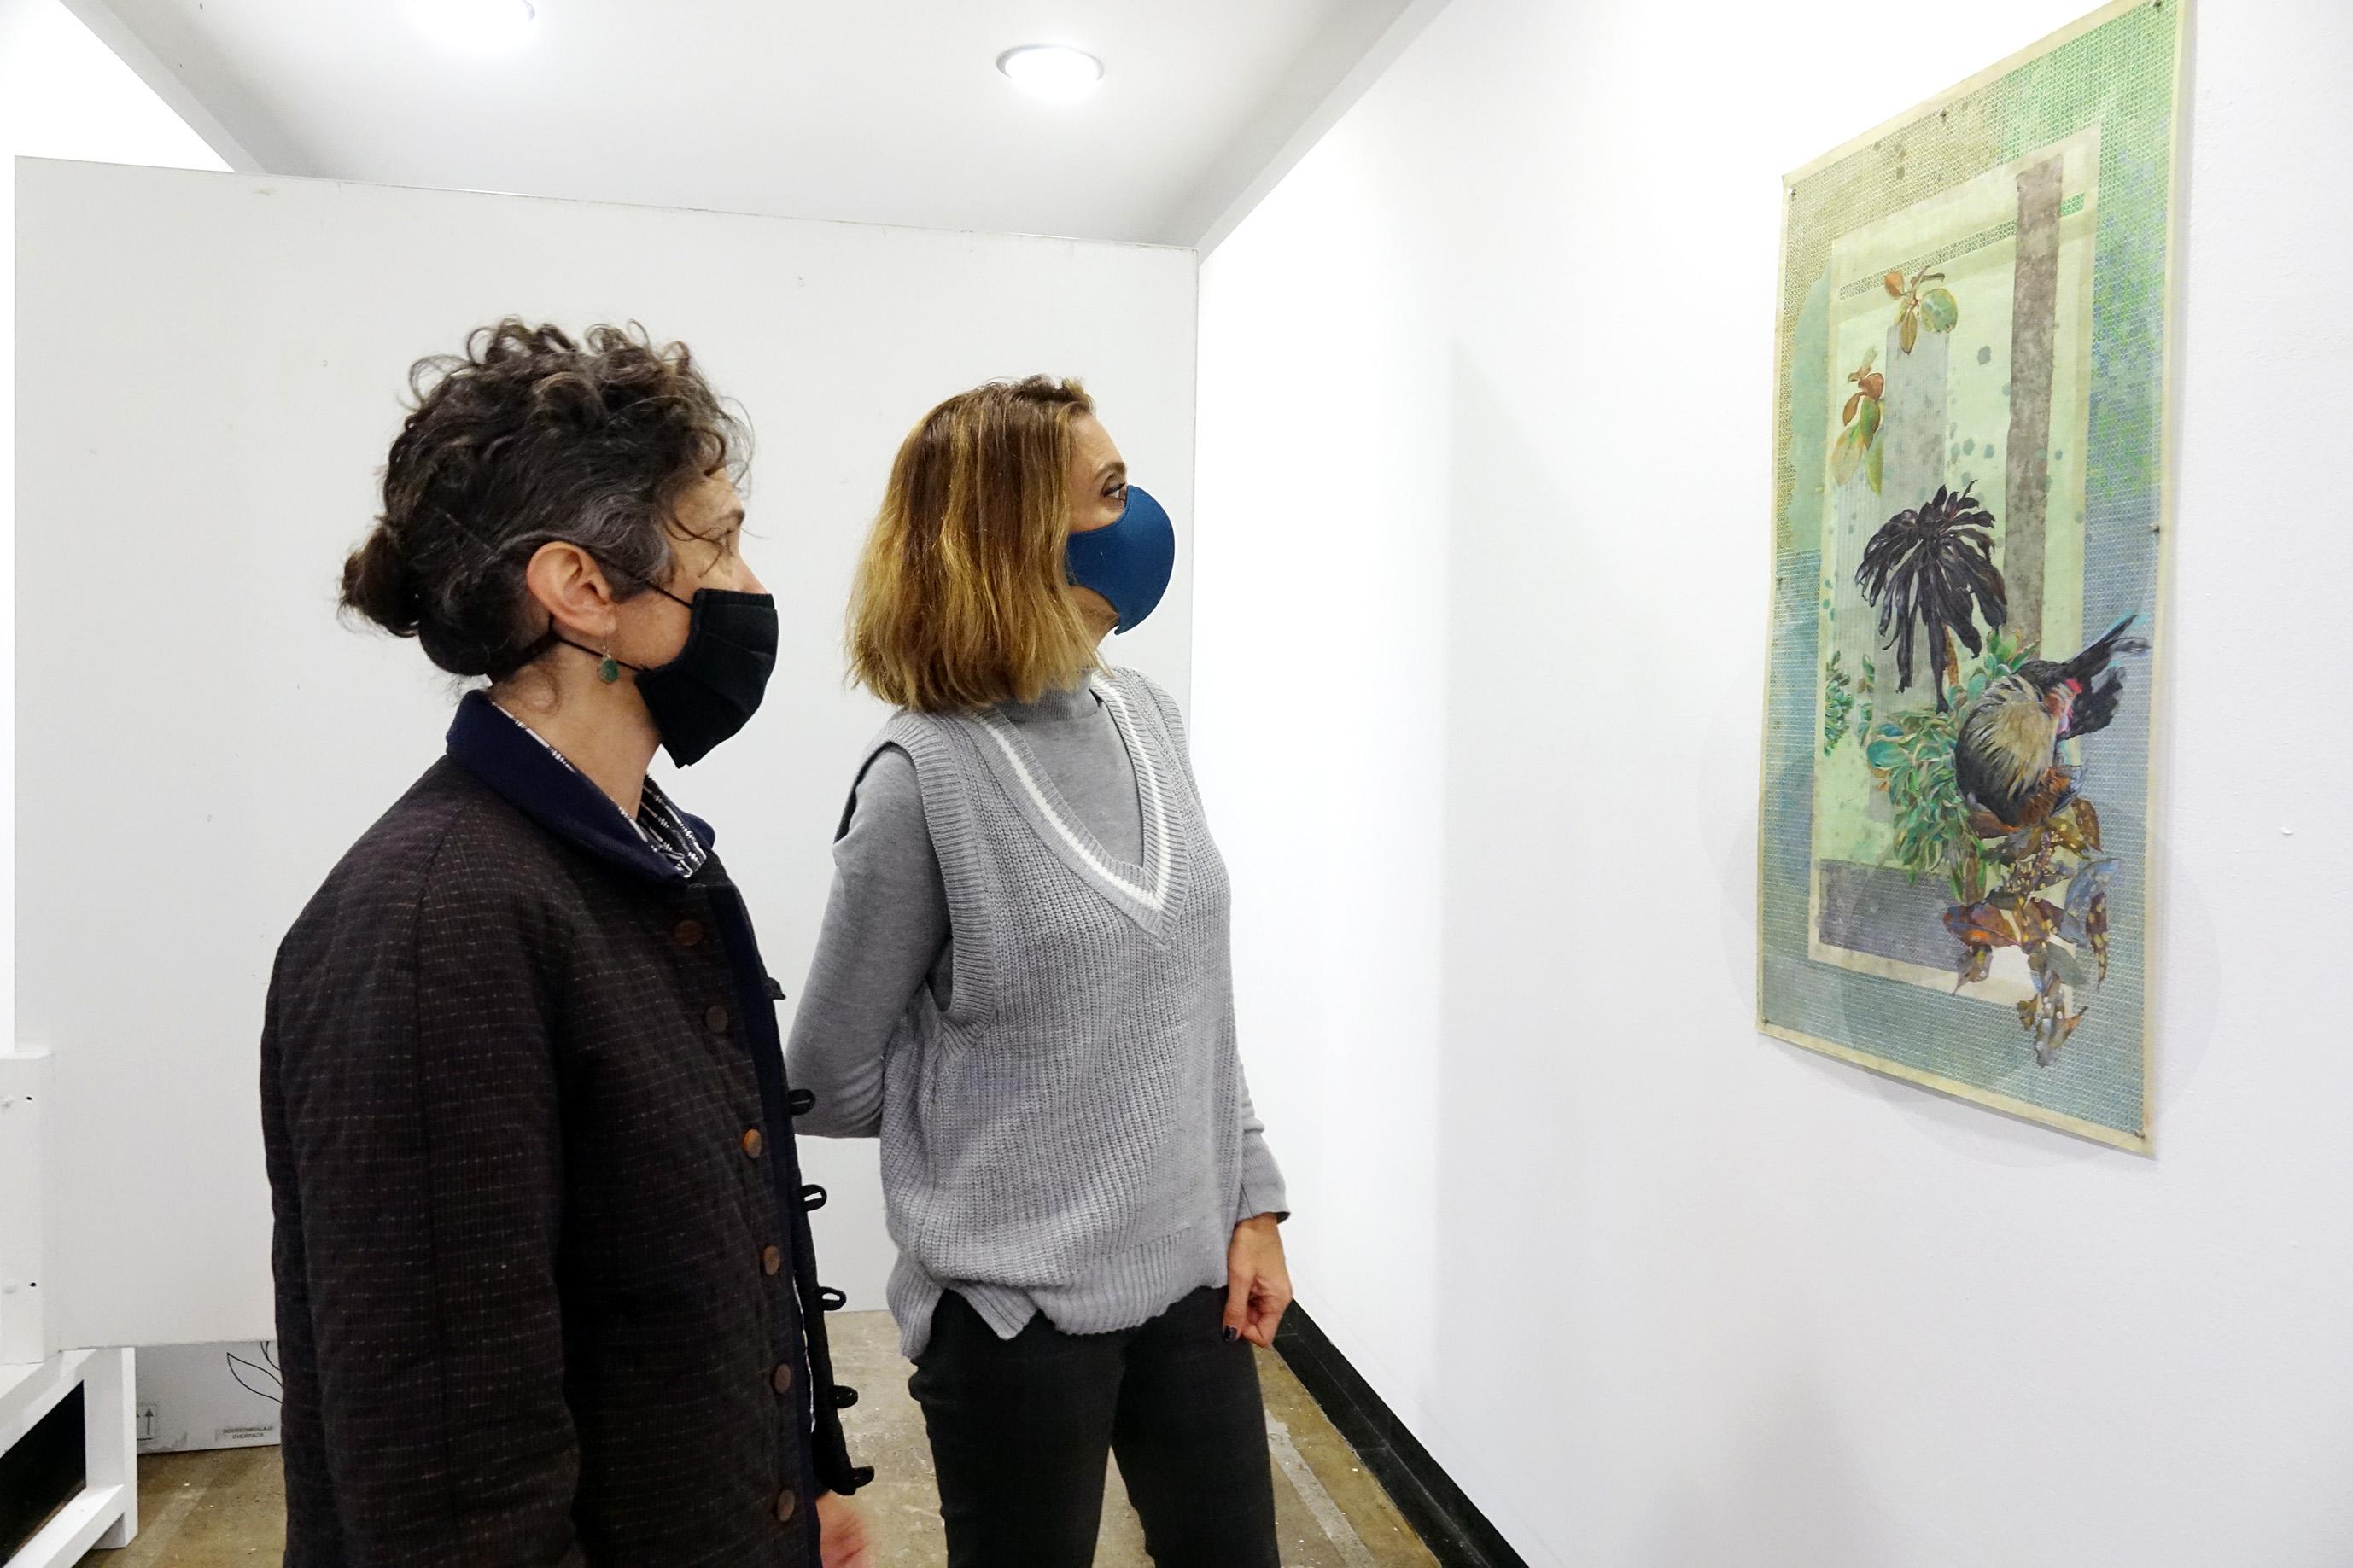 Exposición de Yara Burkhalter en La sala de arte del Parque García Sanabria / CanariasNoticias.es